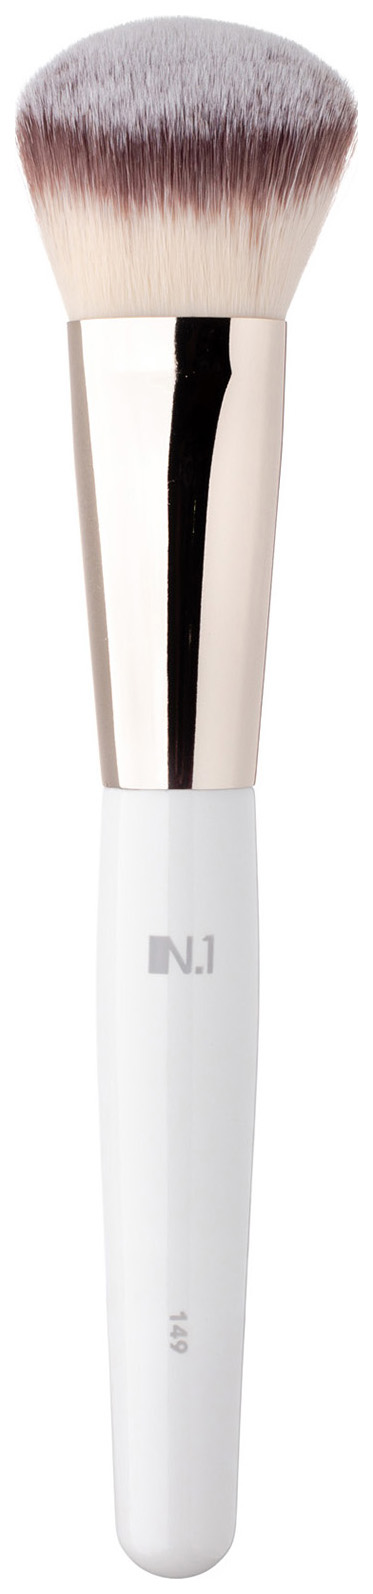 Кисть для макияжа N.1 Скошенная для румян из ворса таклон №149